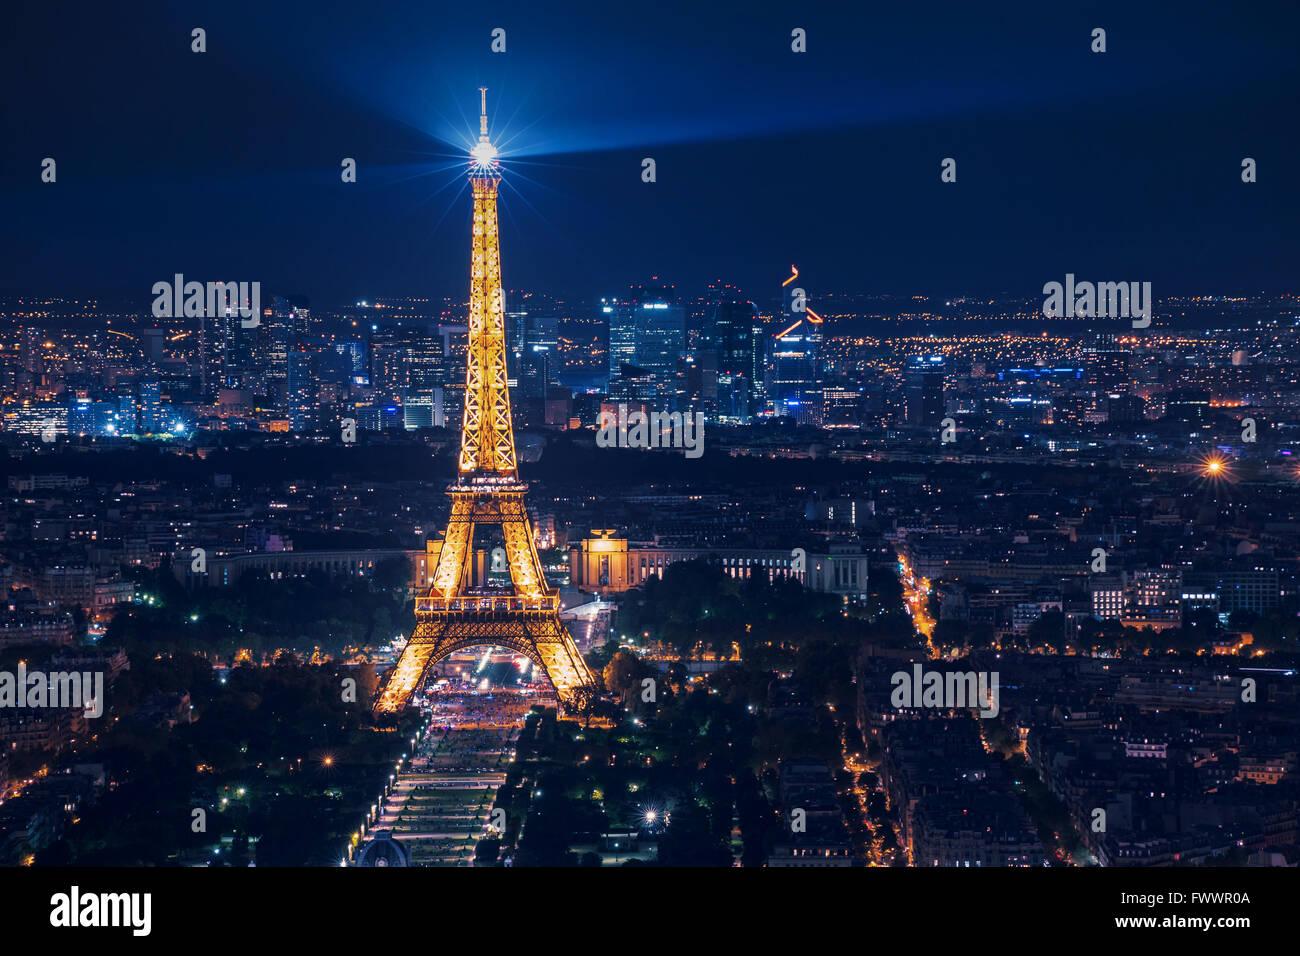 Belle scène de nuit de la Tour Eiffel illuminée et vue panoramique vue aérienne de Paris, France Photo Stock